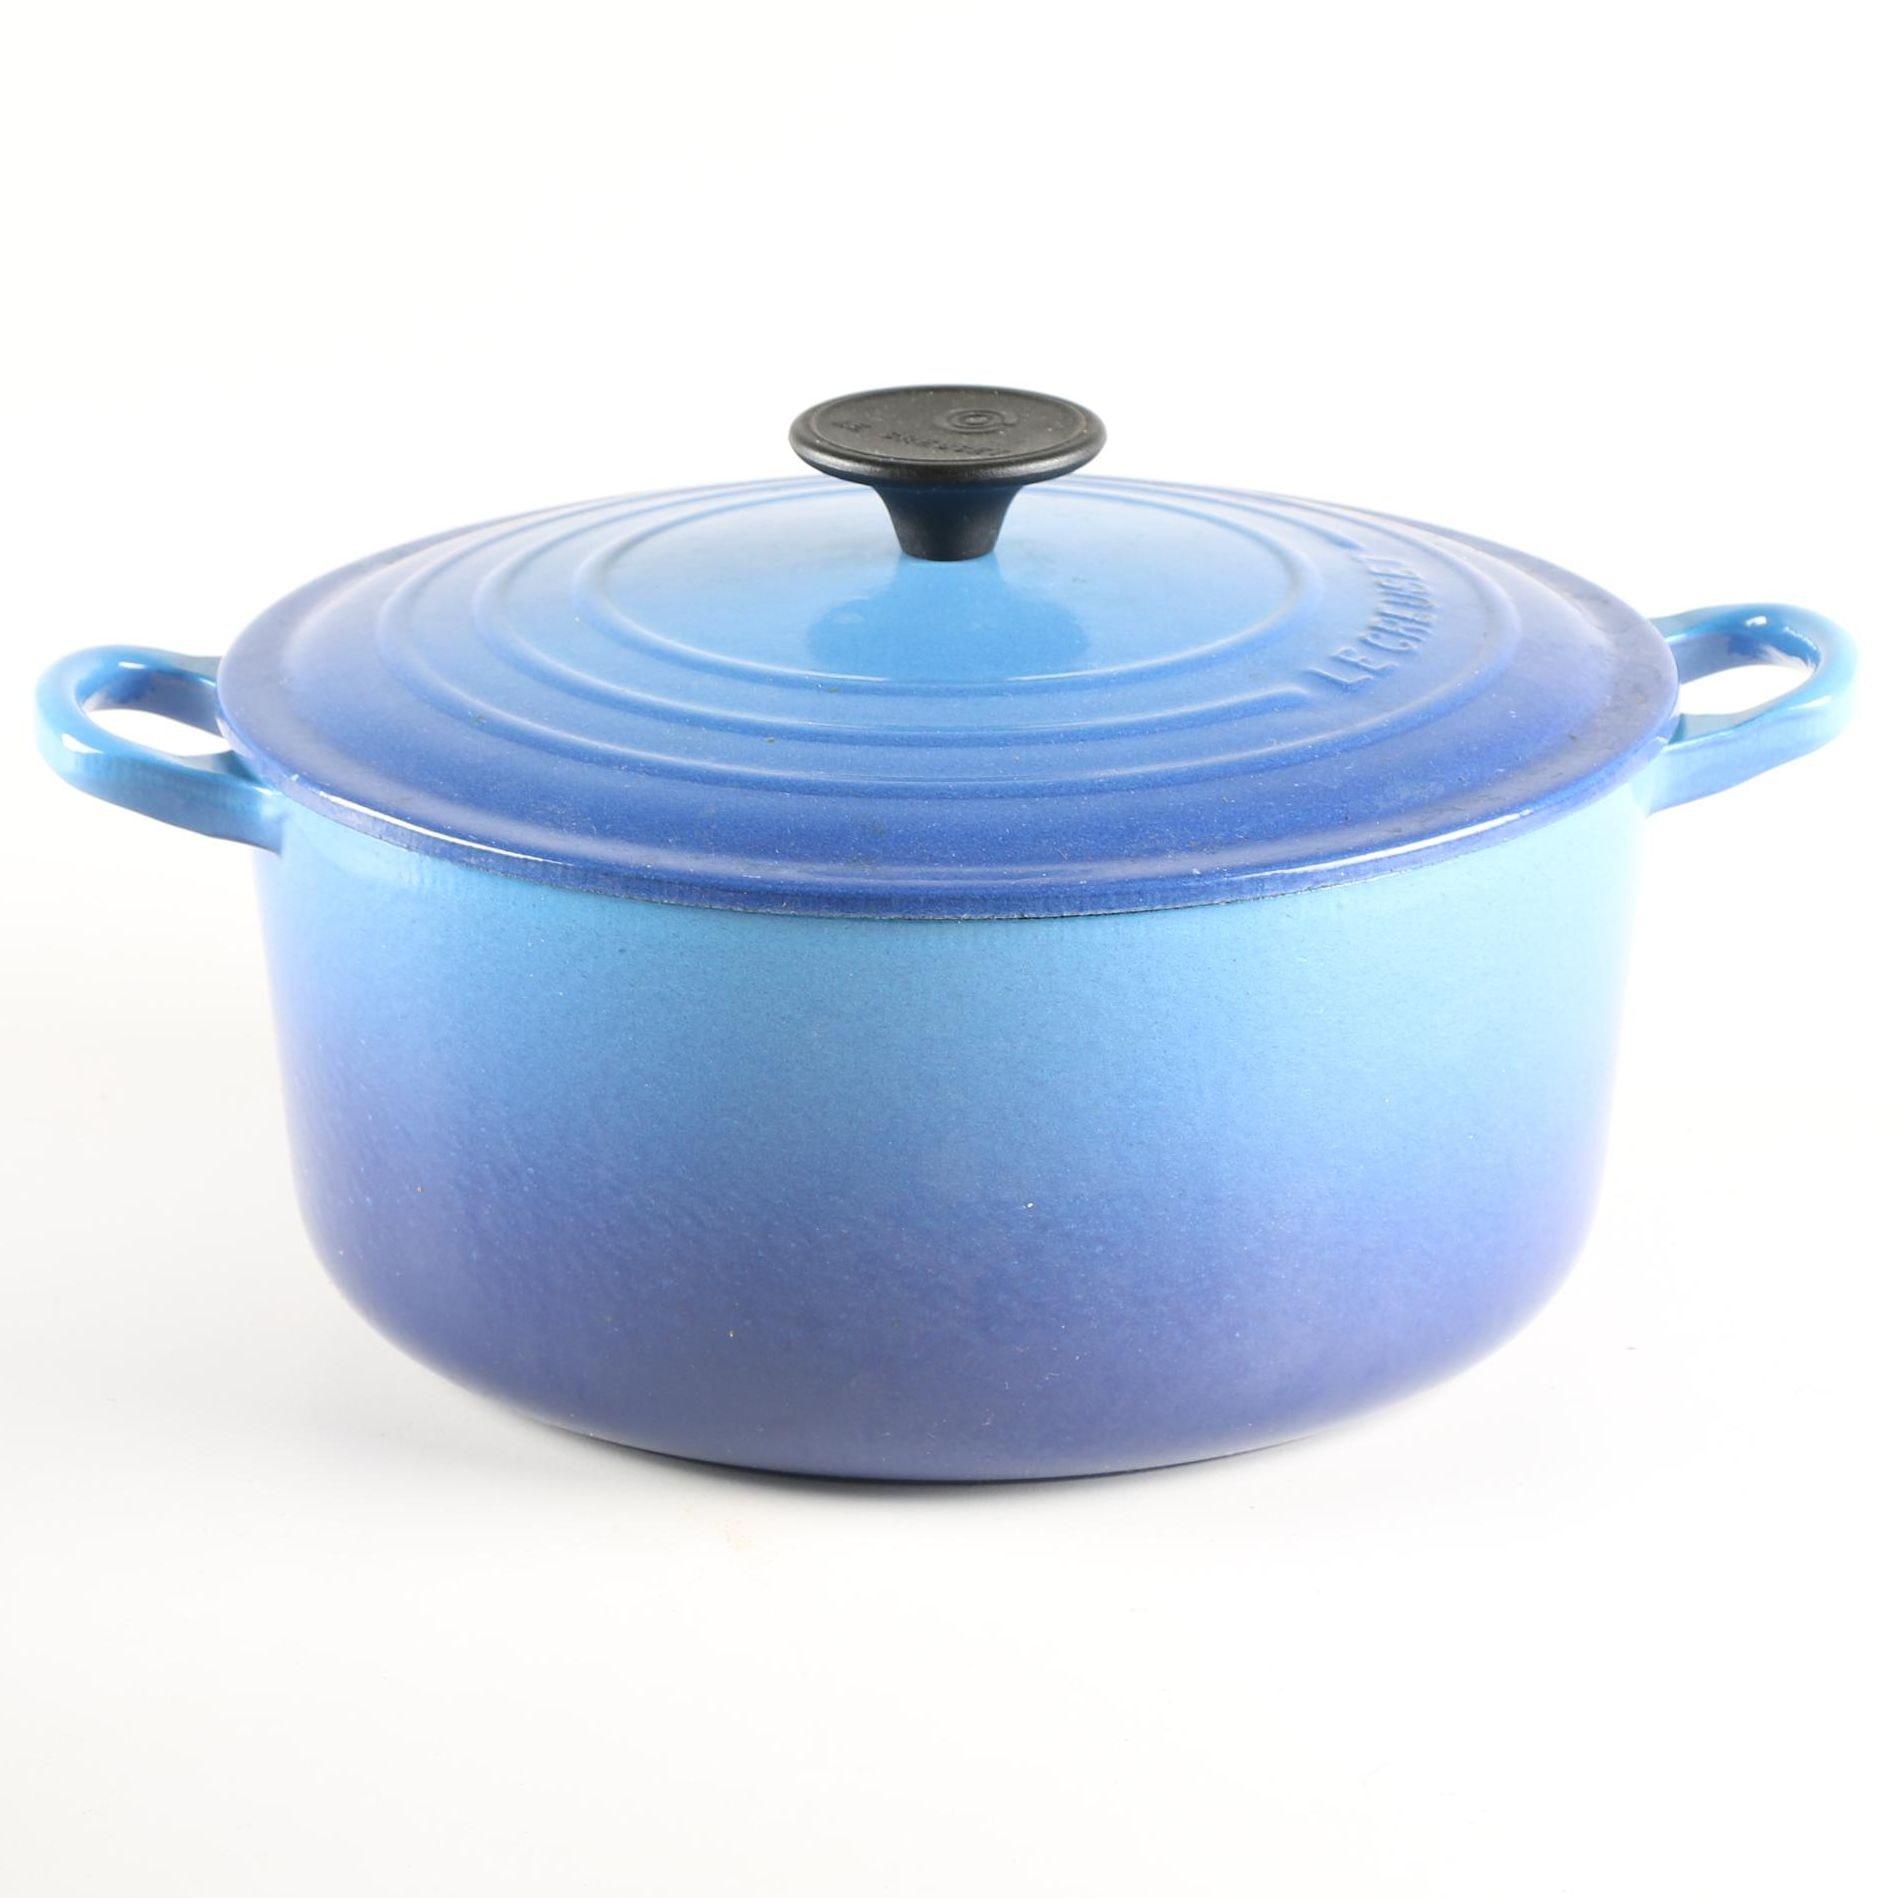 Blue Le Creuset Dutch Oven